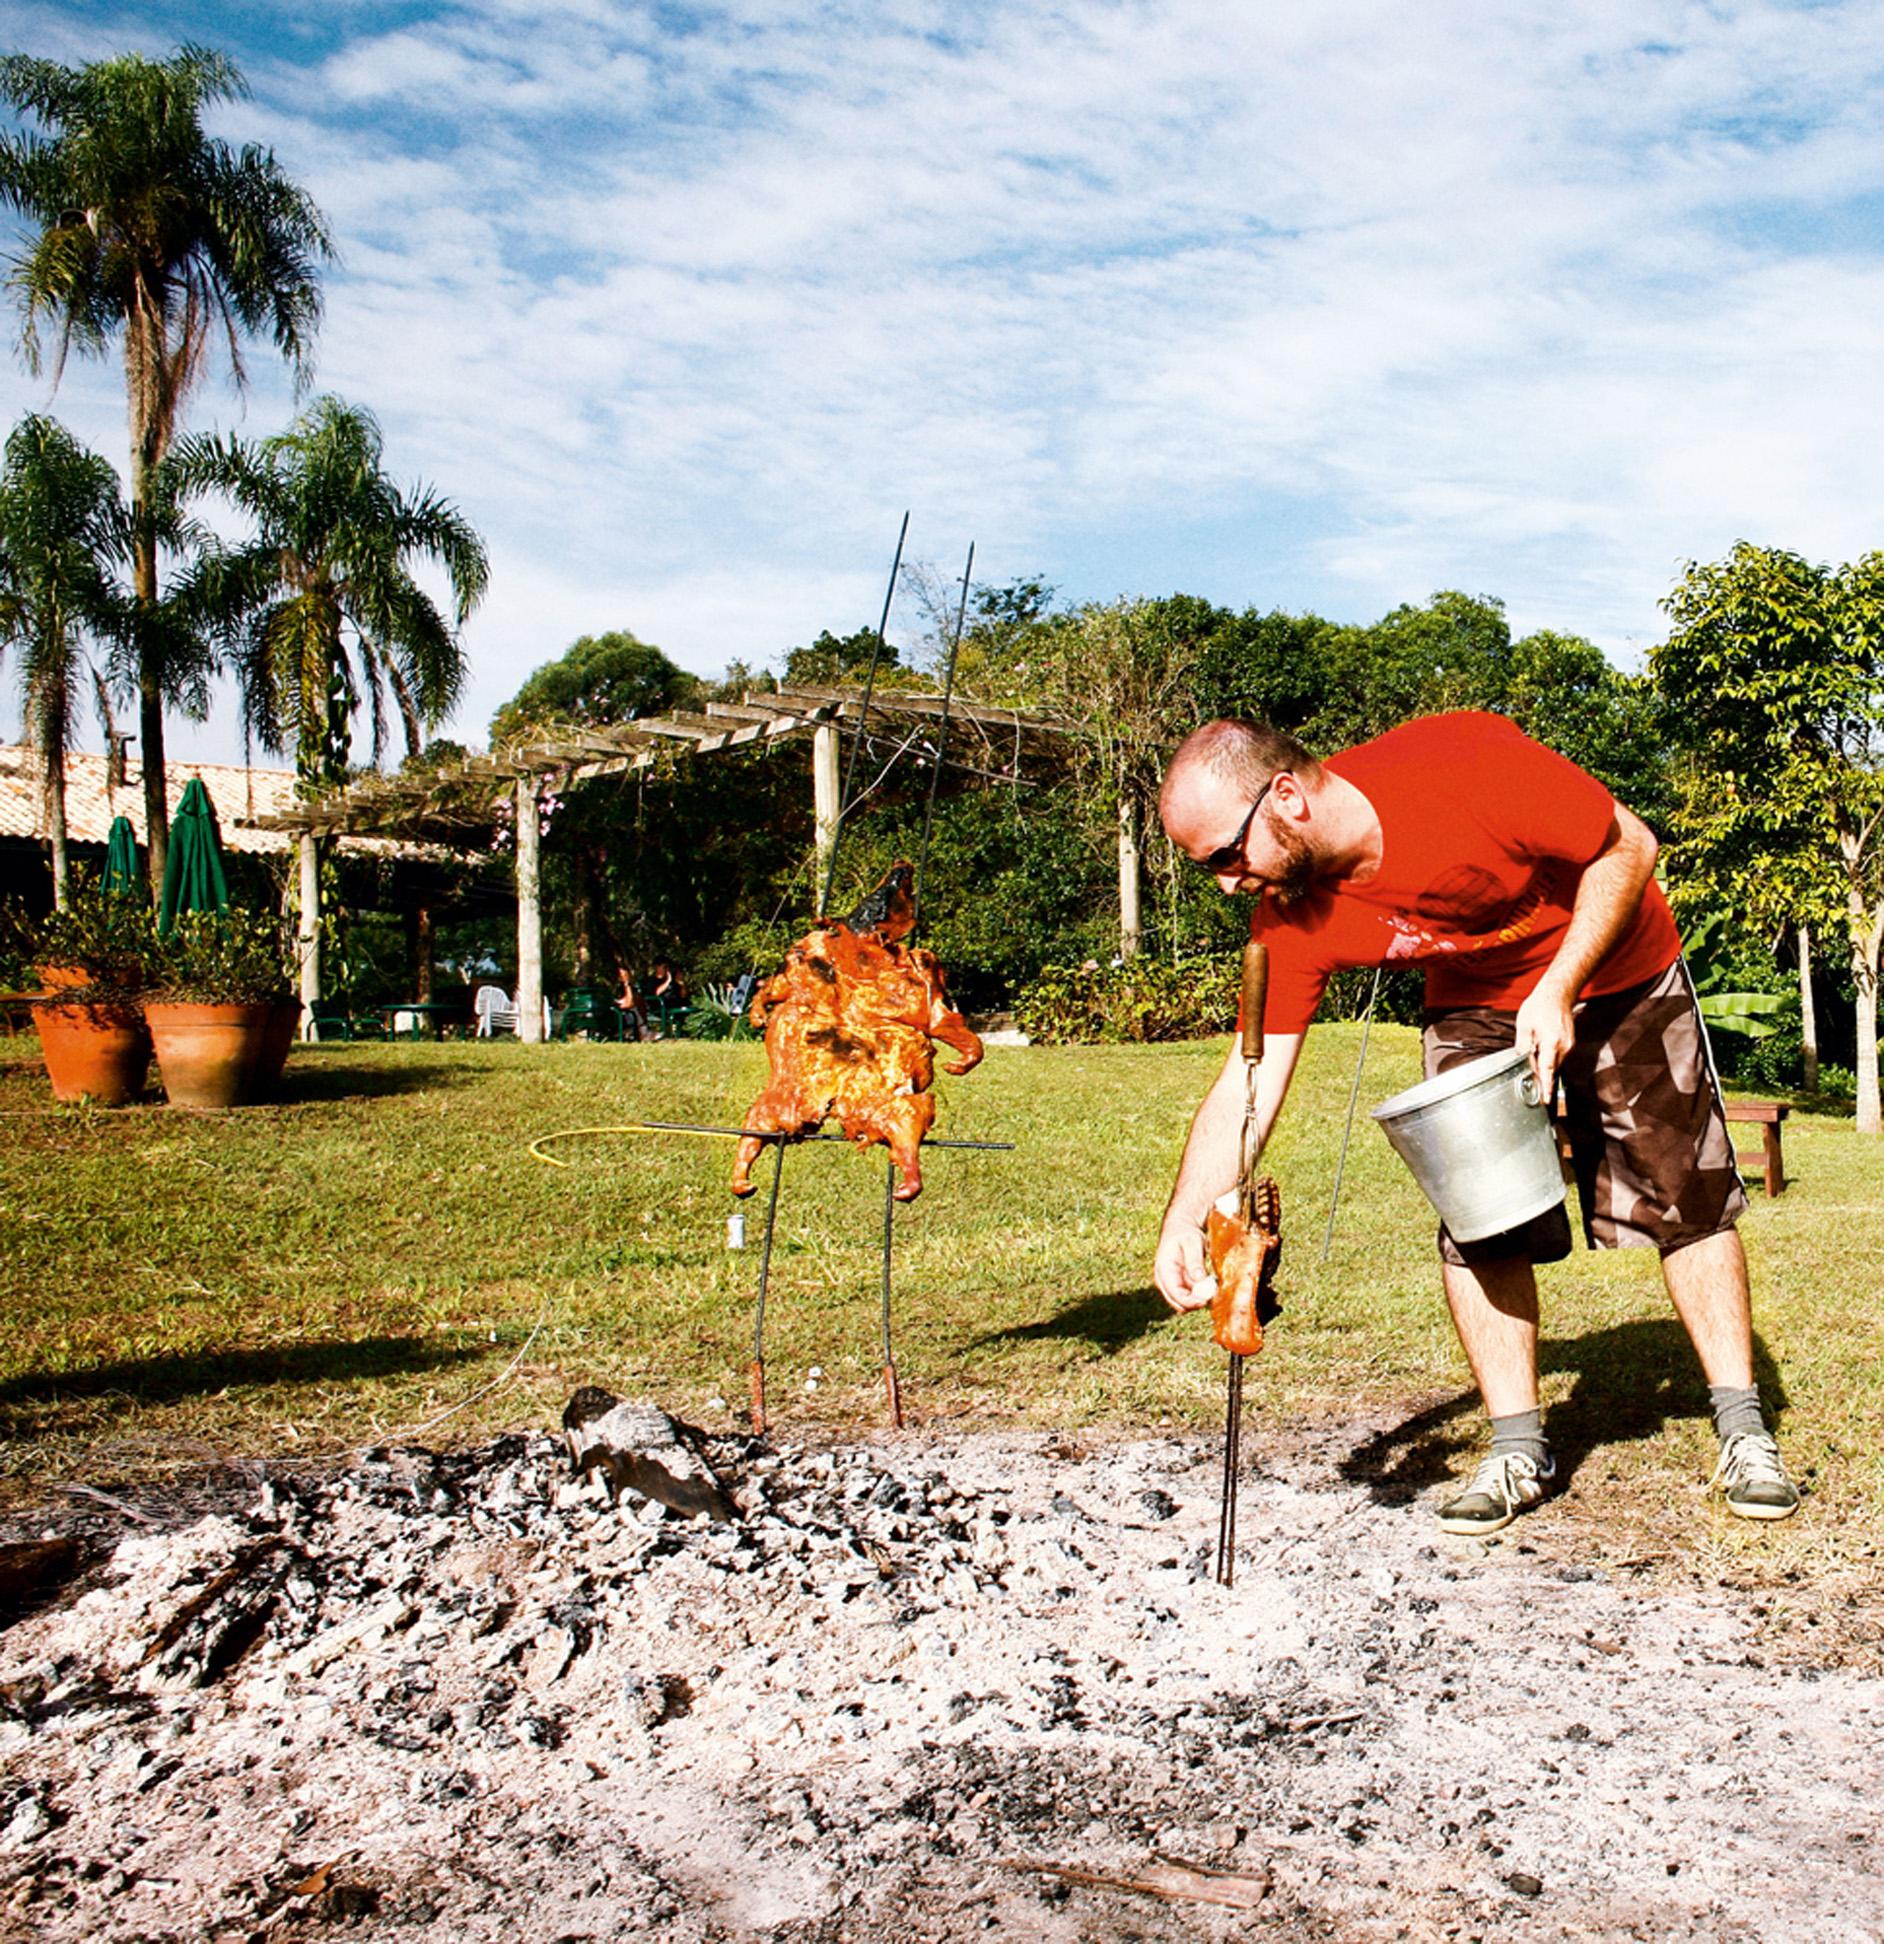 """Lula diz: """"Aprendi a cozinhar entre amigos. Aproveito desse dote para ajudar em casa. Minhas especialidades são pratos menos convencionais, como churrasco, sashimi e ceviche."""" Lula Gouvêia, 34 anos, arquiteto do escritório superlimão - Maíra dá a real: """"A comida dele é bem prática, a carne, muito boa. Ele já assou um leitão para 25 pessoas, só com brasas de uma fogueira junina."""" Maíra Acayaba, 32 anos, fotógrafa"""